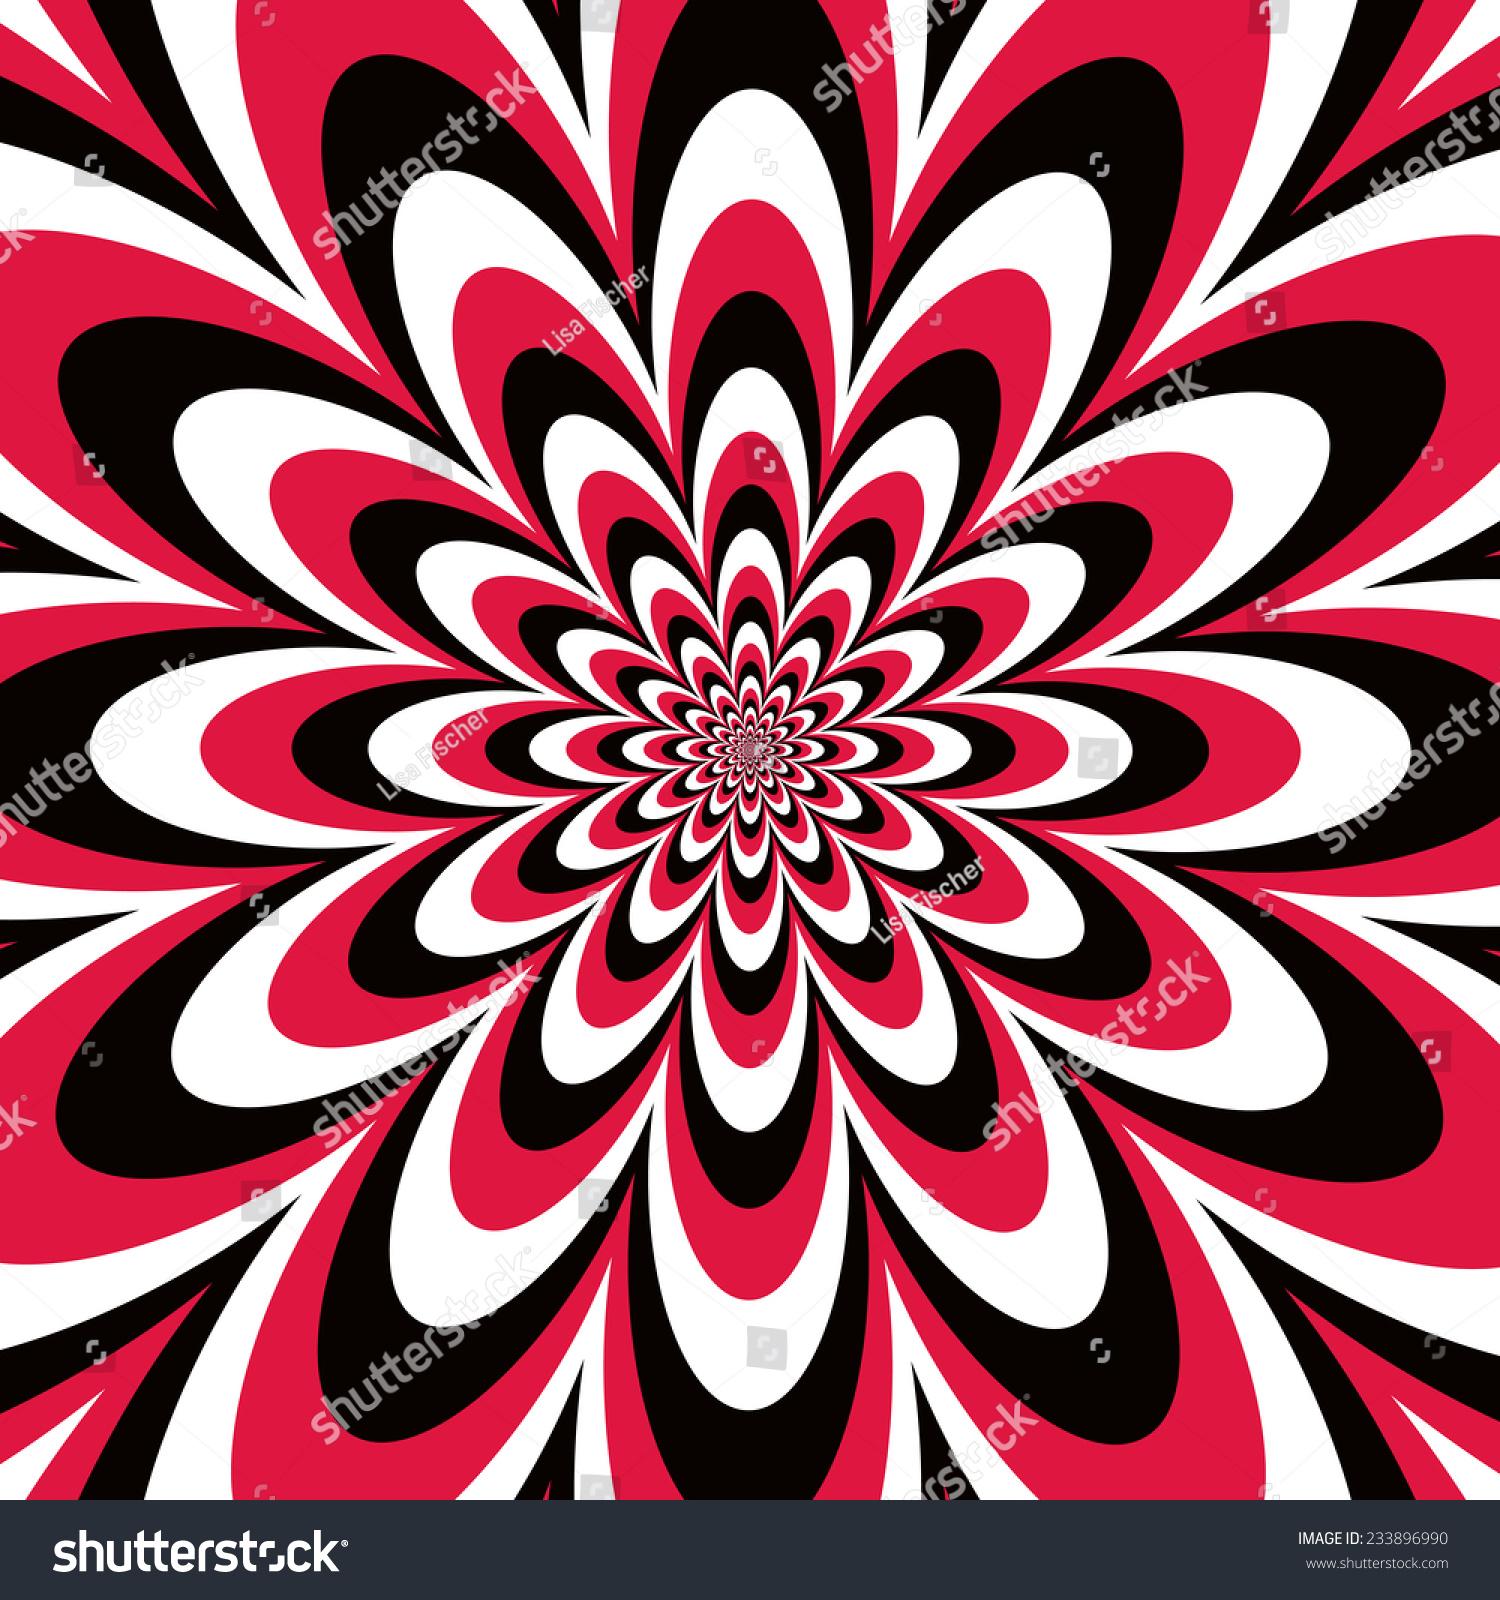 infinite flower op art design red stock vector 233896990